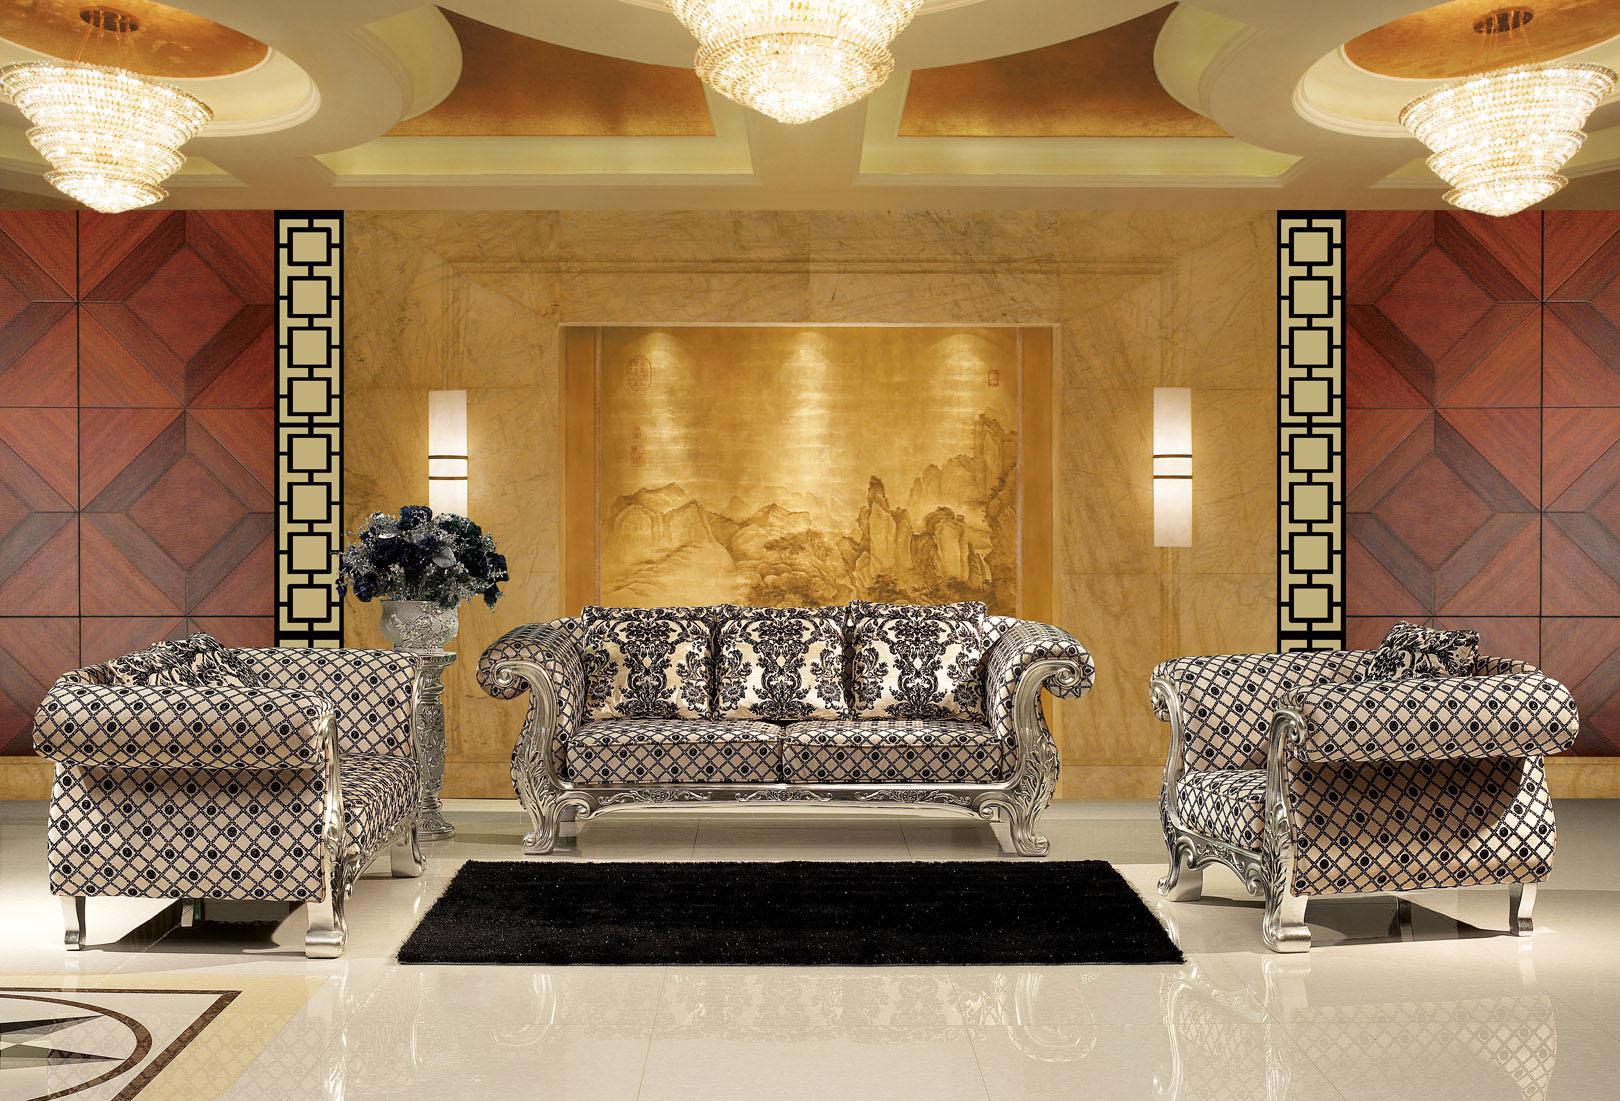 甘肃实木沙发 西北皮沙发 酒店家具 实木皮沙发